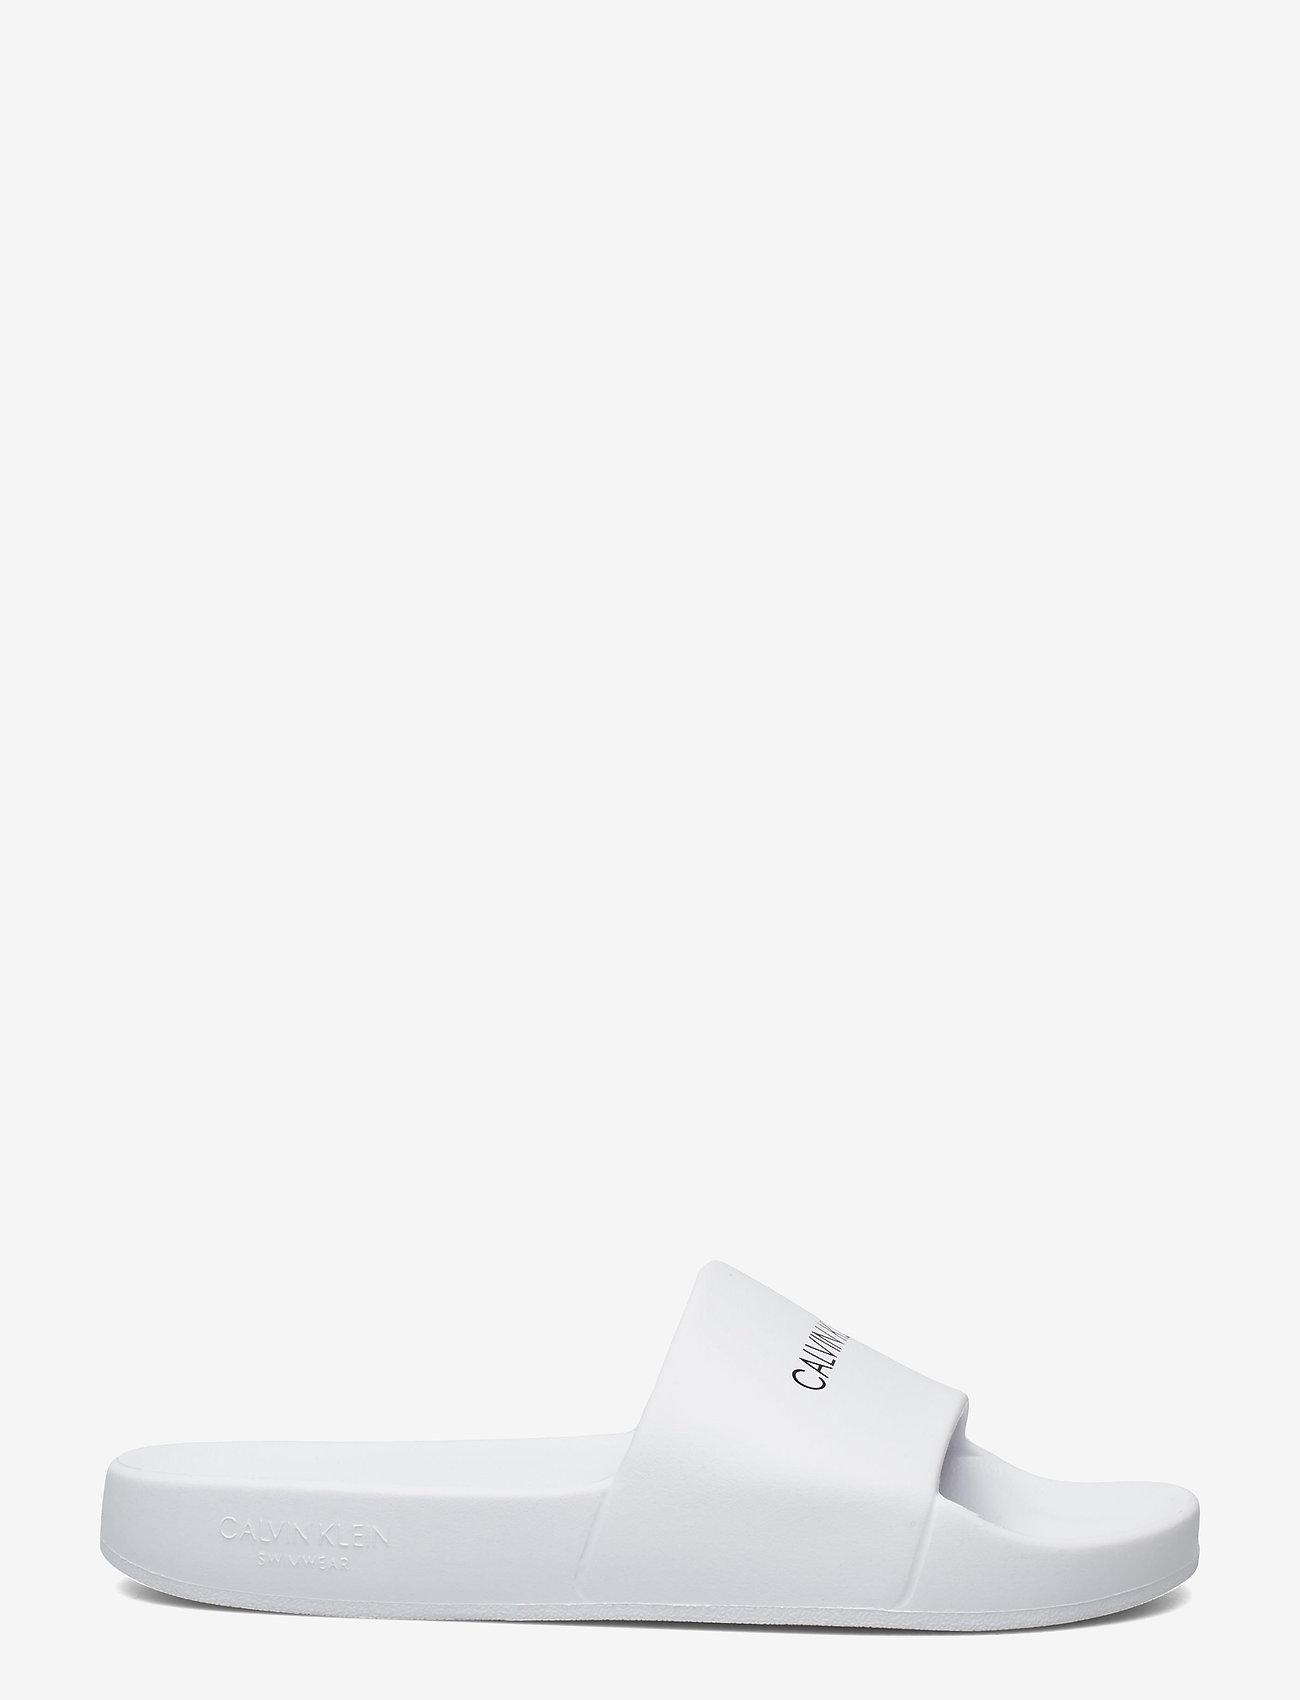 Calvin Klein - ONE MOLD SLIDE - pool sliders - pvh classic white - 1